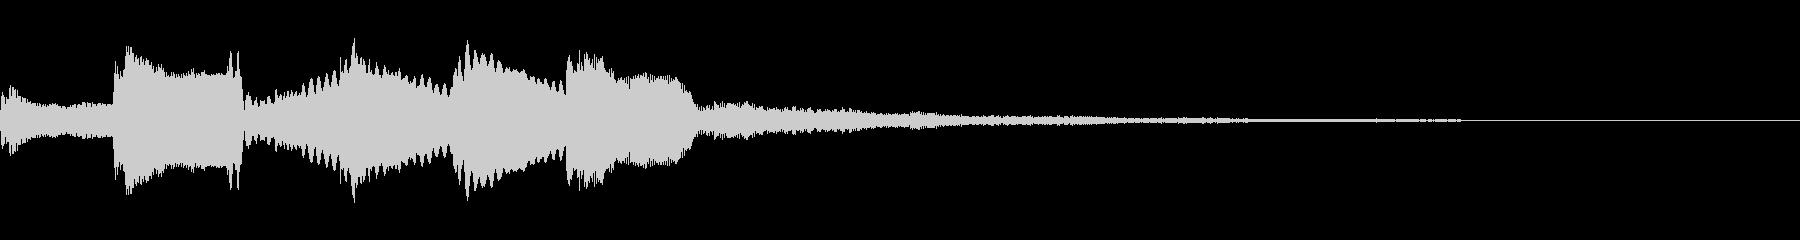 レベルアップする時の効果音(長め)の未再生の波形